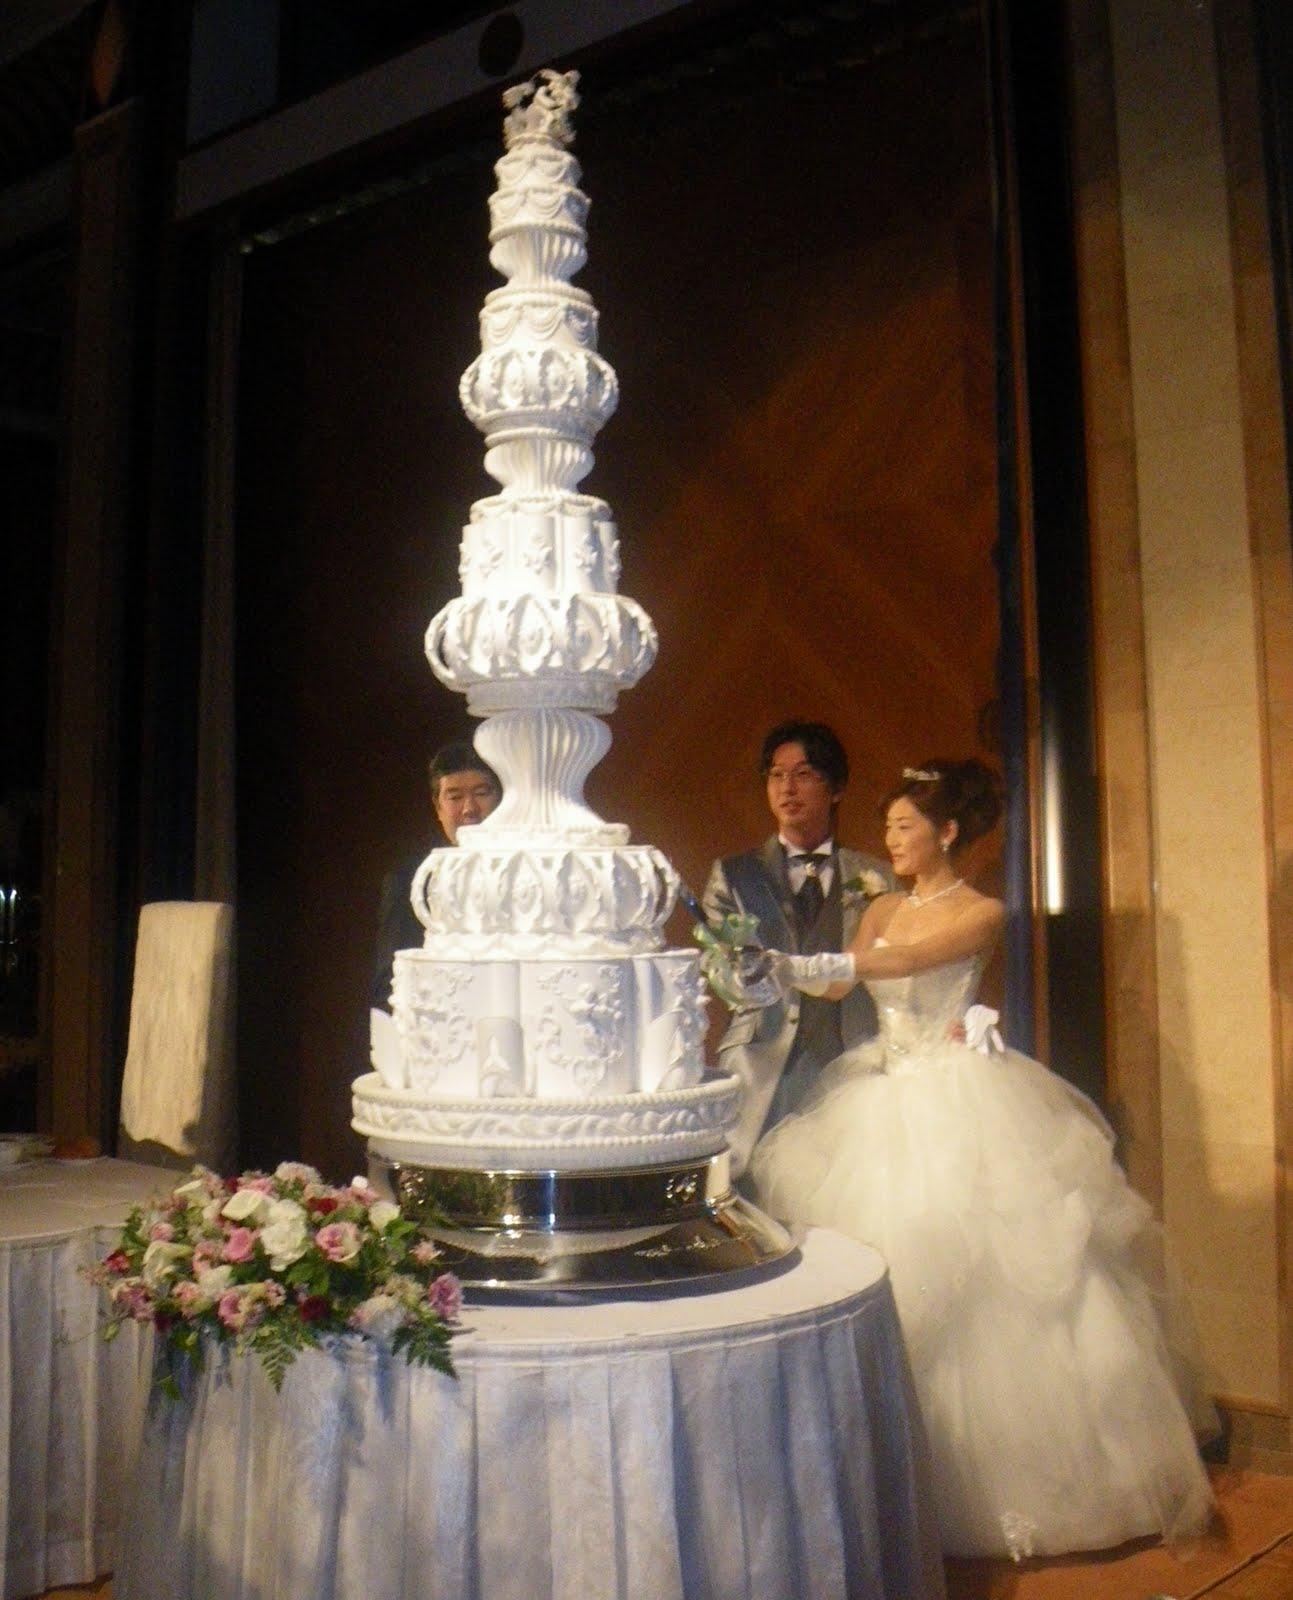 Photo Diary: Giant Wedding Cake